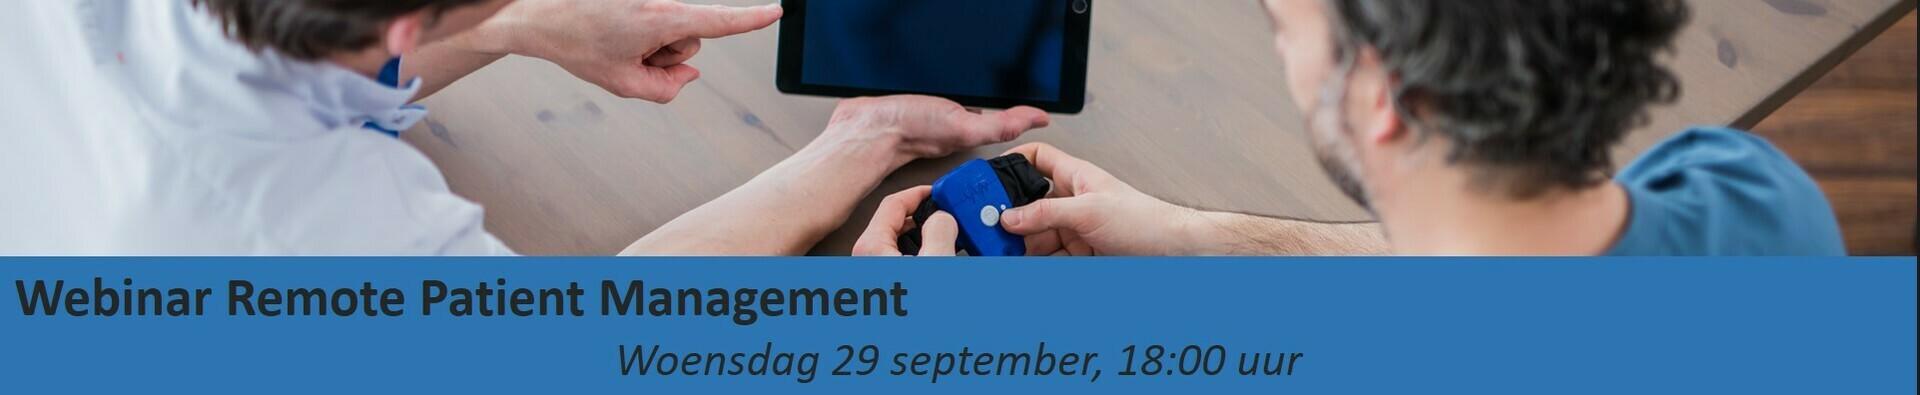 Webinar Remote Patient Management